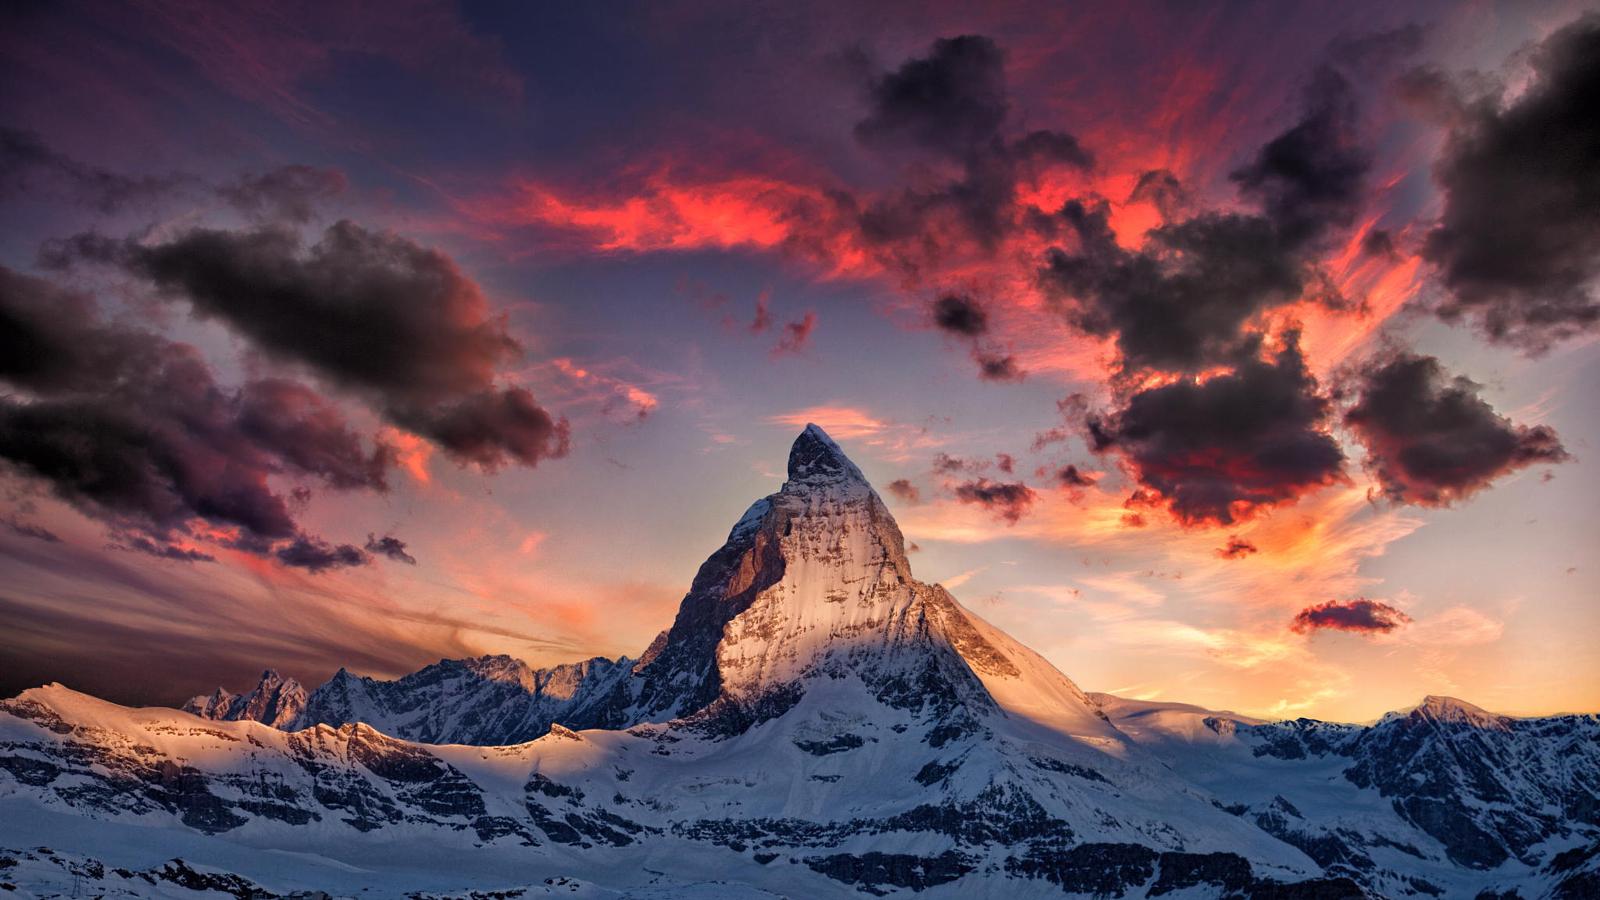 Самое интересное : Эти милые снимки с коровами разобьют ваше сердце